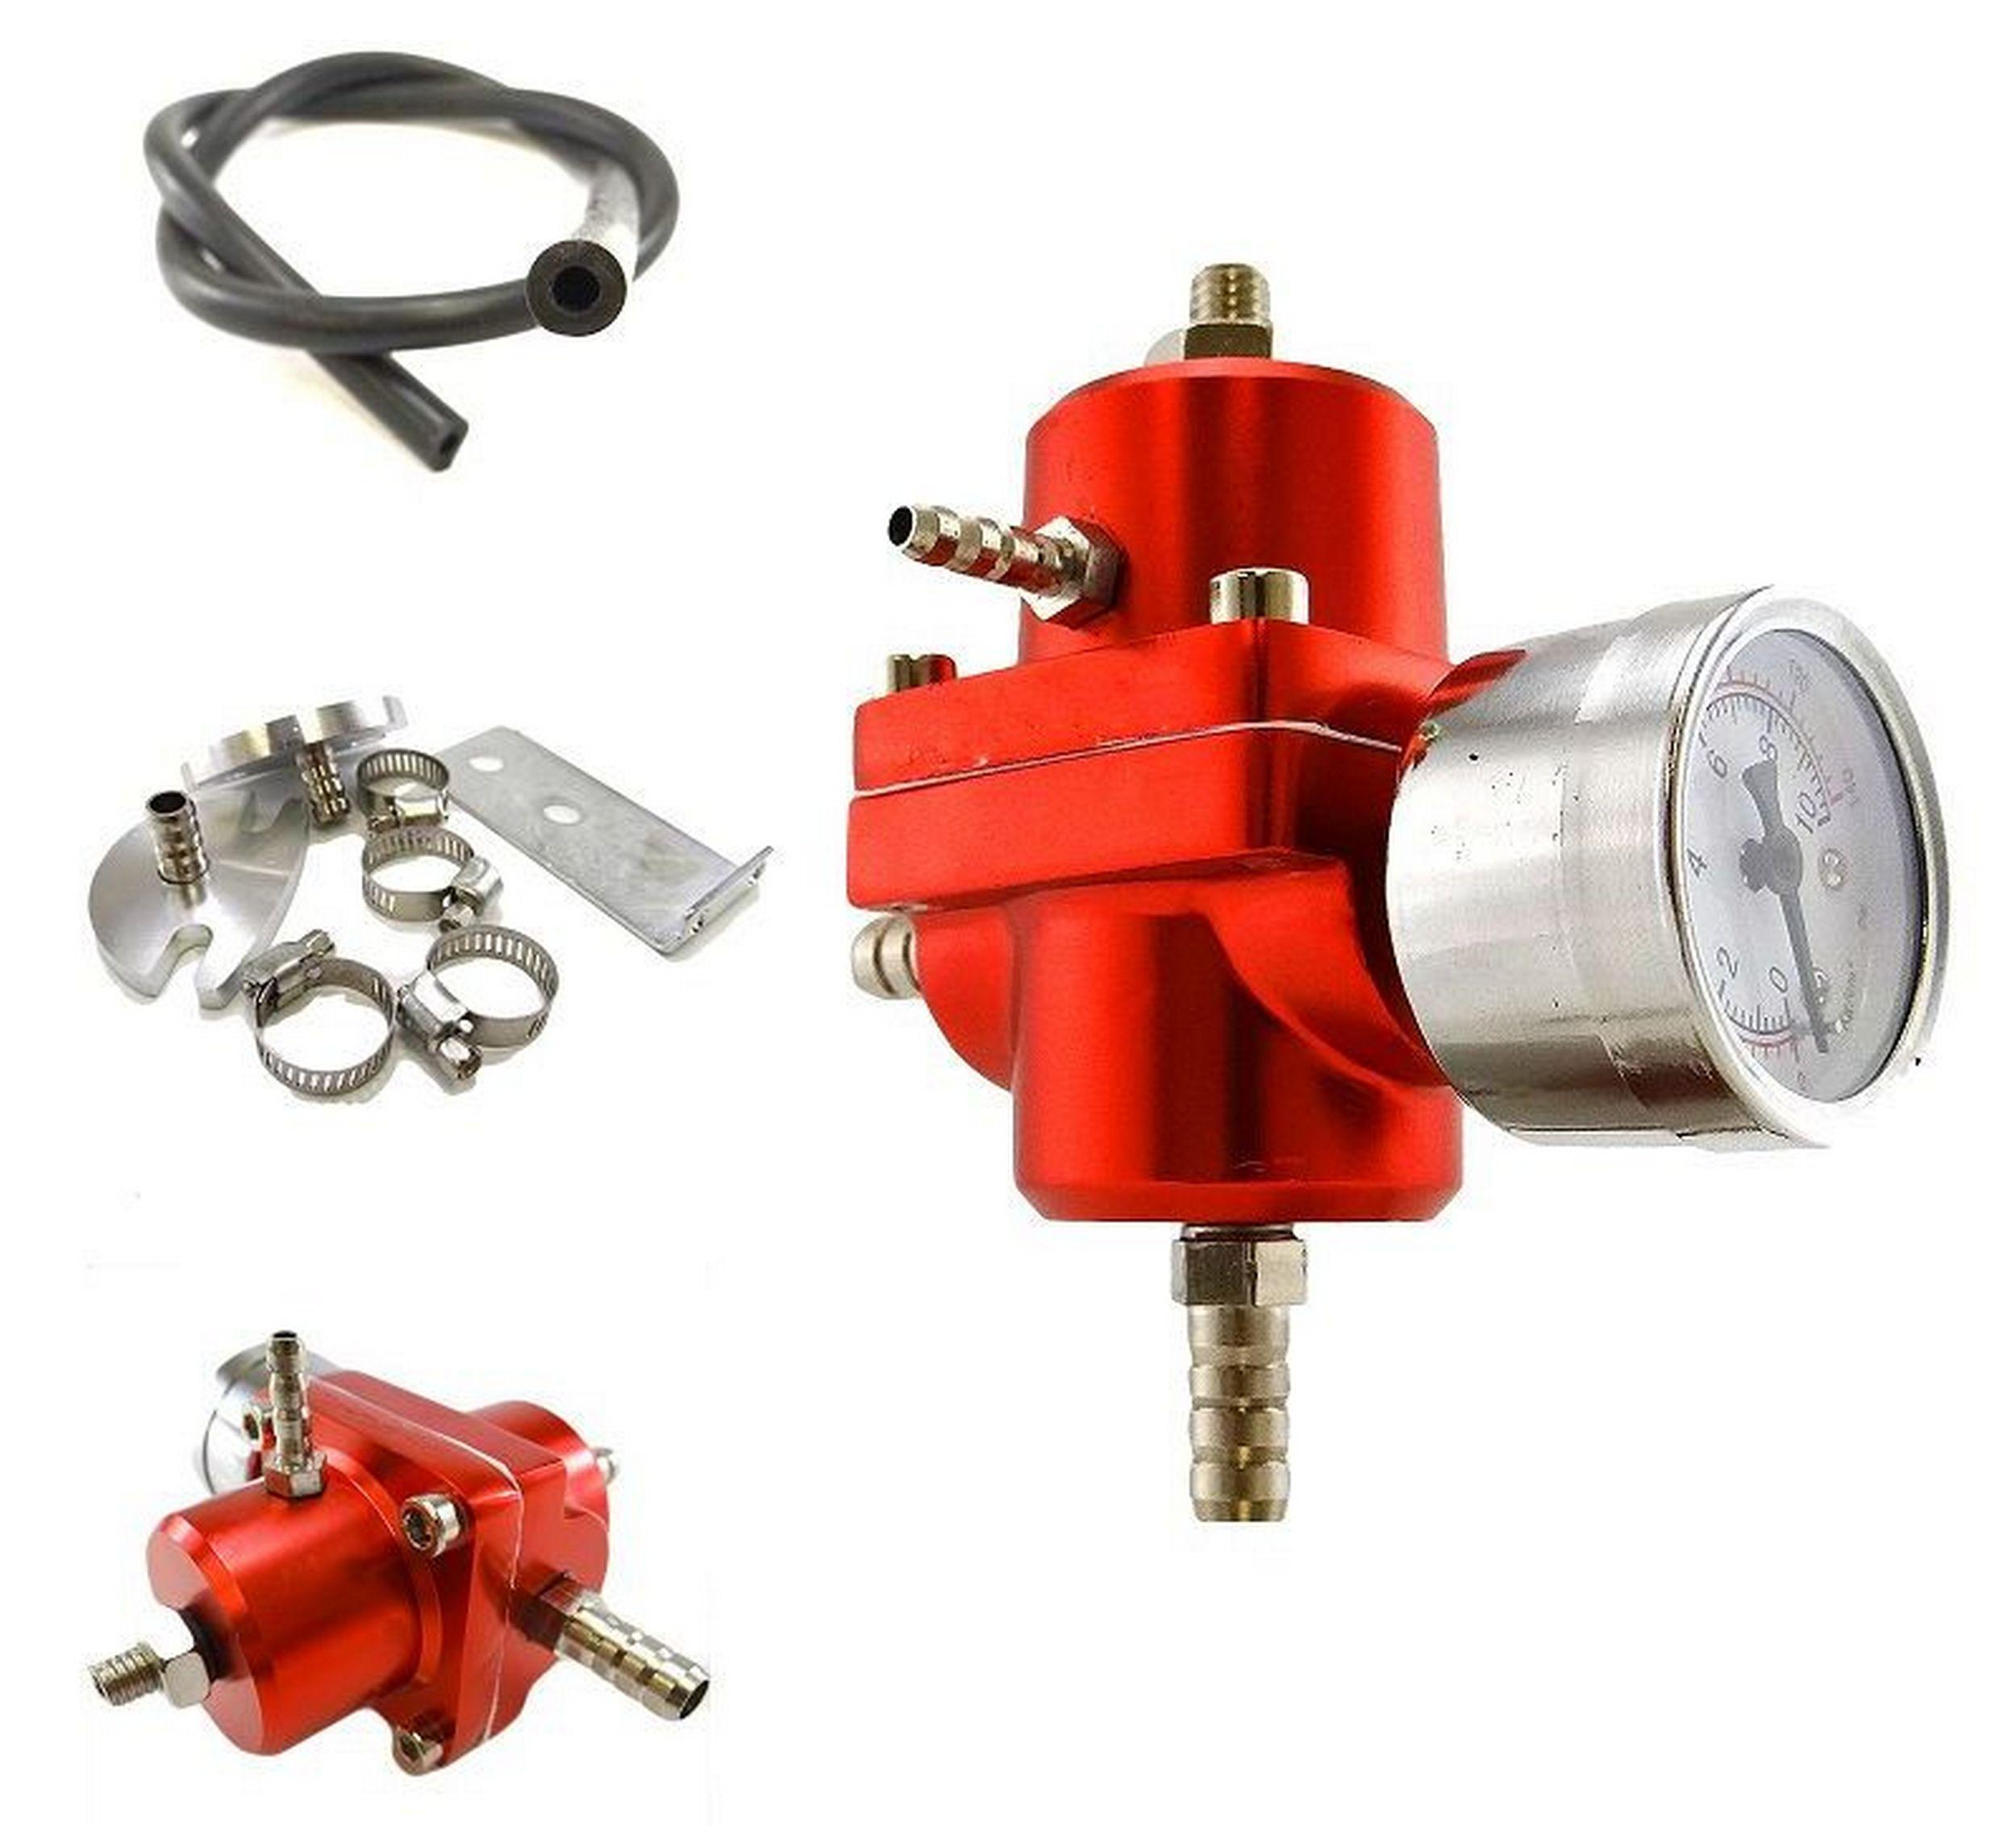 регулятор давления топлива универсальный 0-10 бар